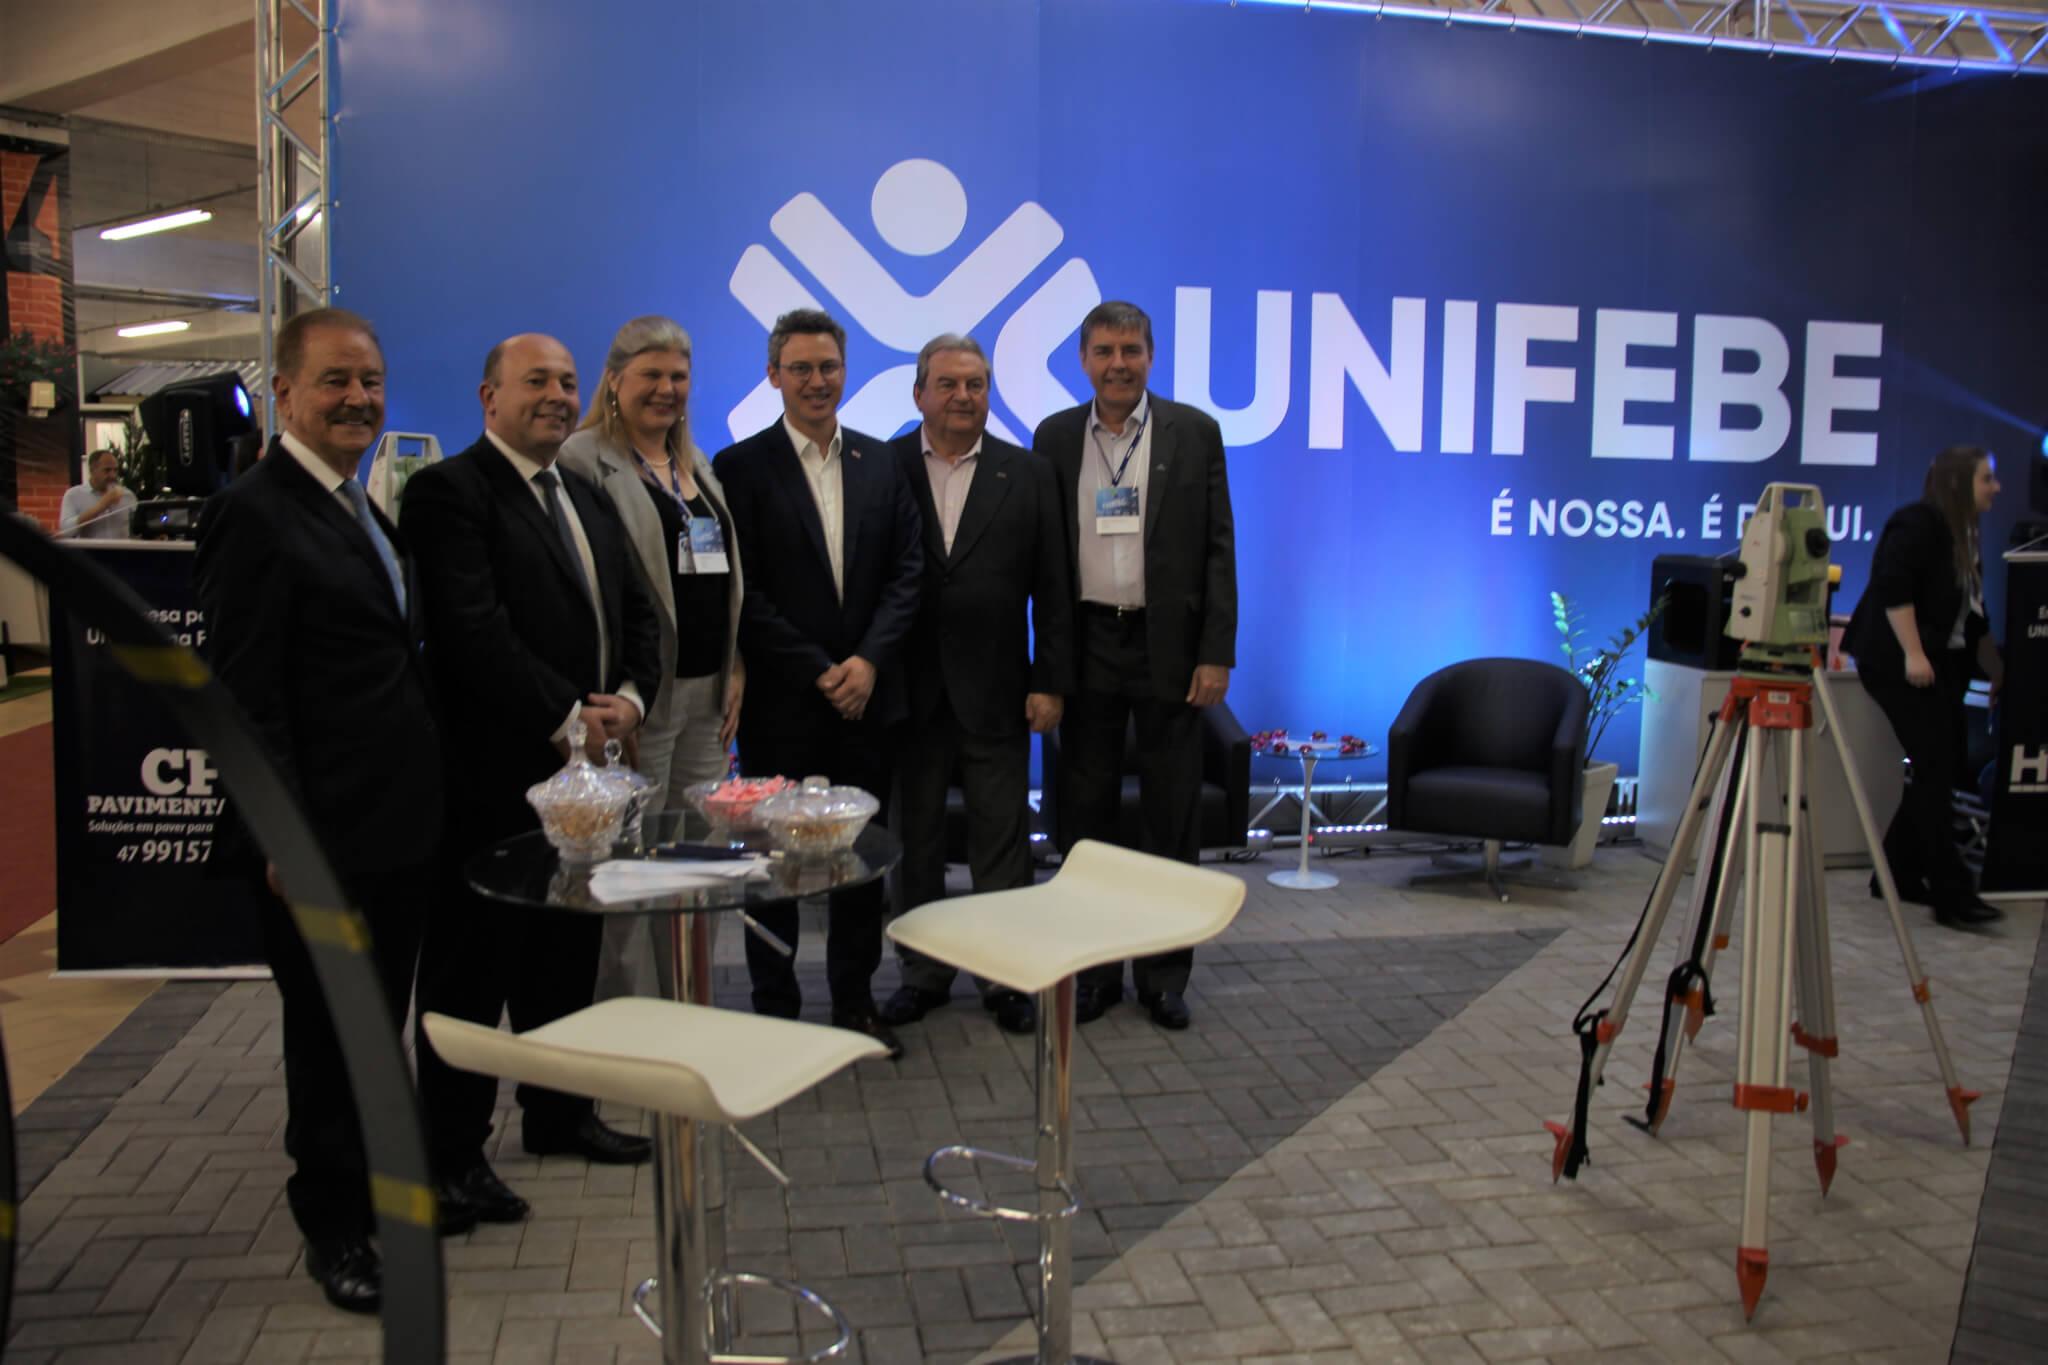 Tecnologias no ensino de projetos e edificações são destaques no estande da UNIFEBE na Fairtec 2019